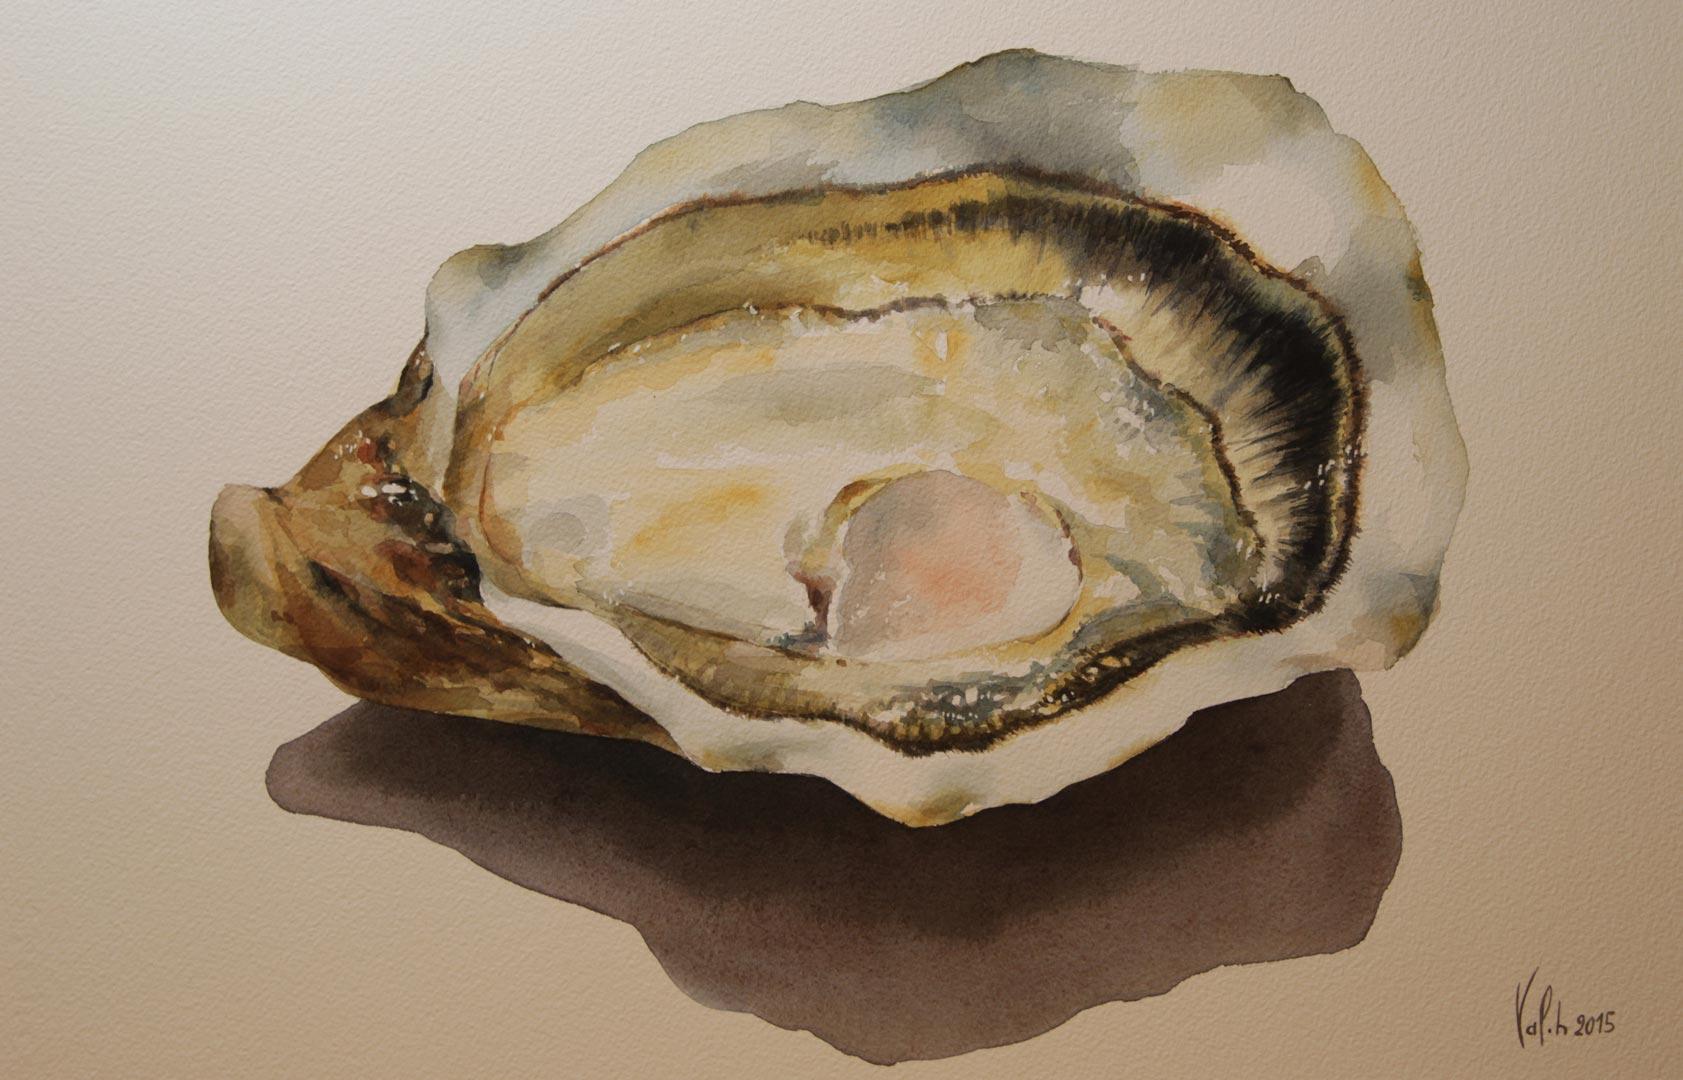 L'huître de Saint-Vaast